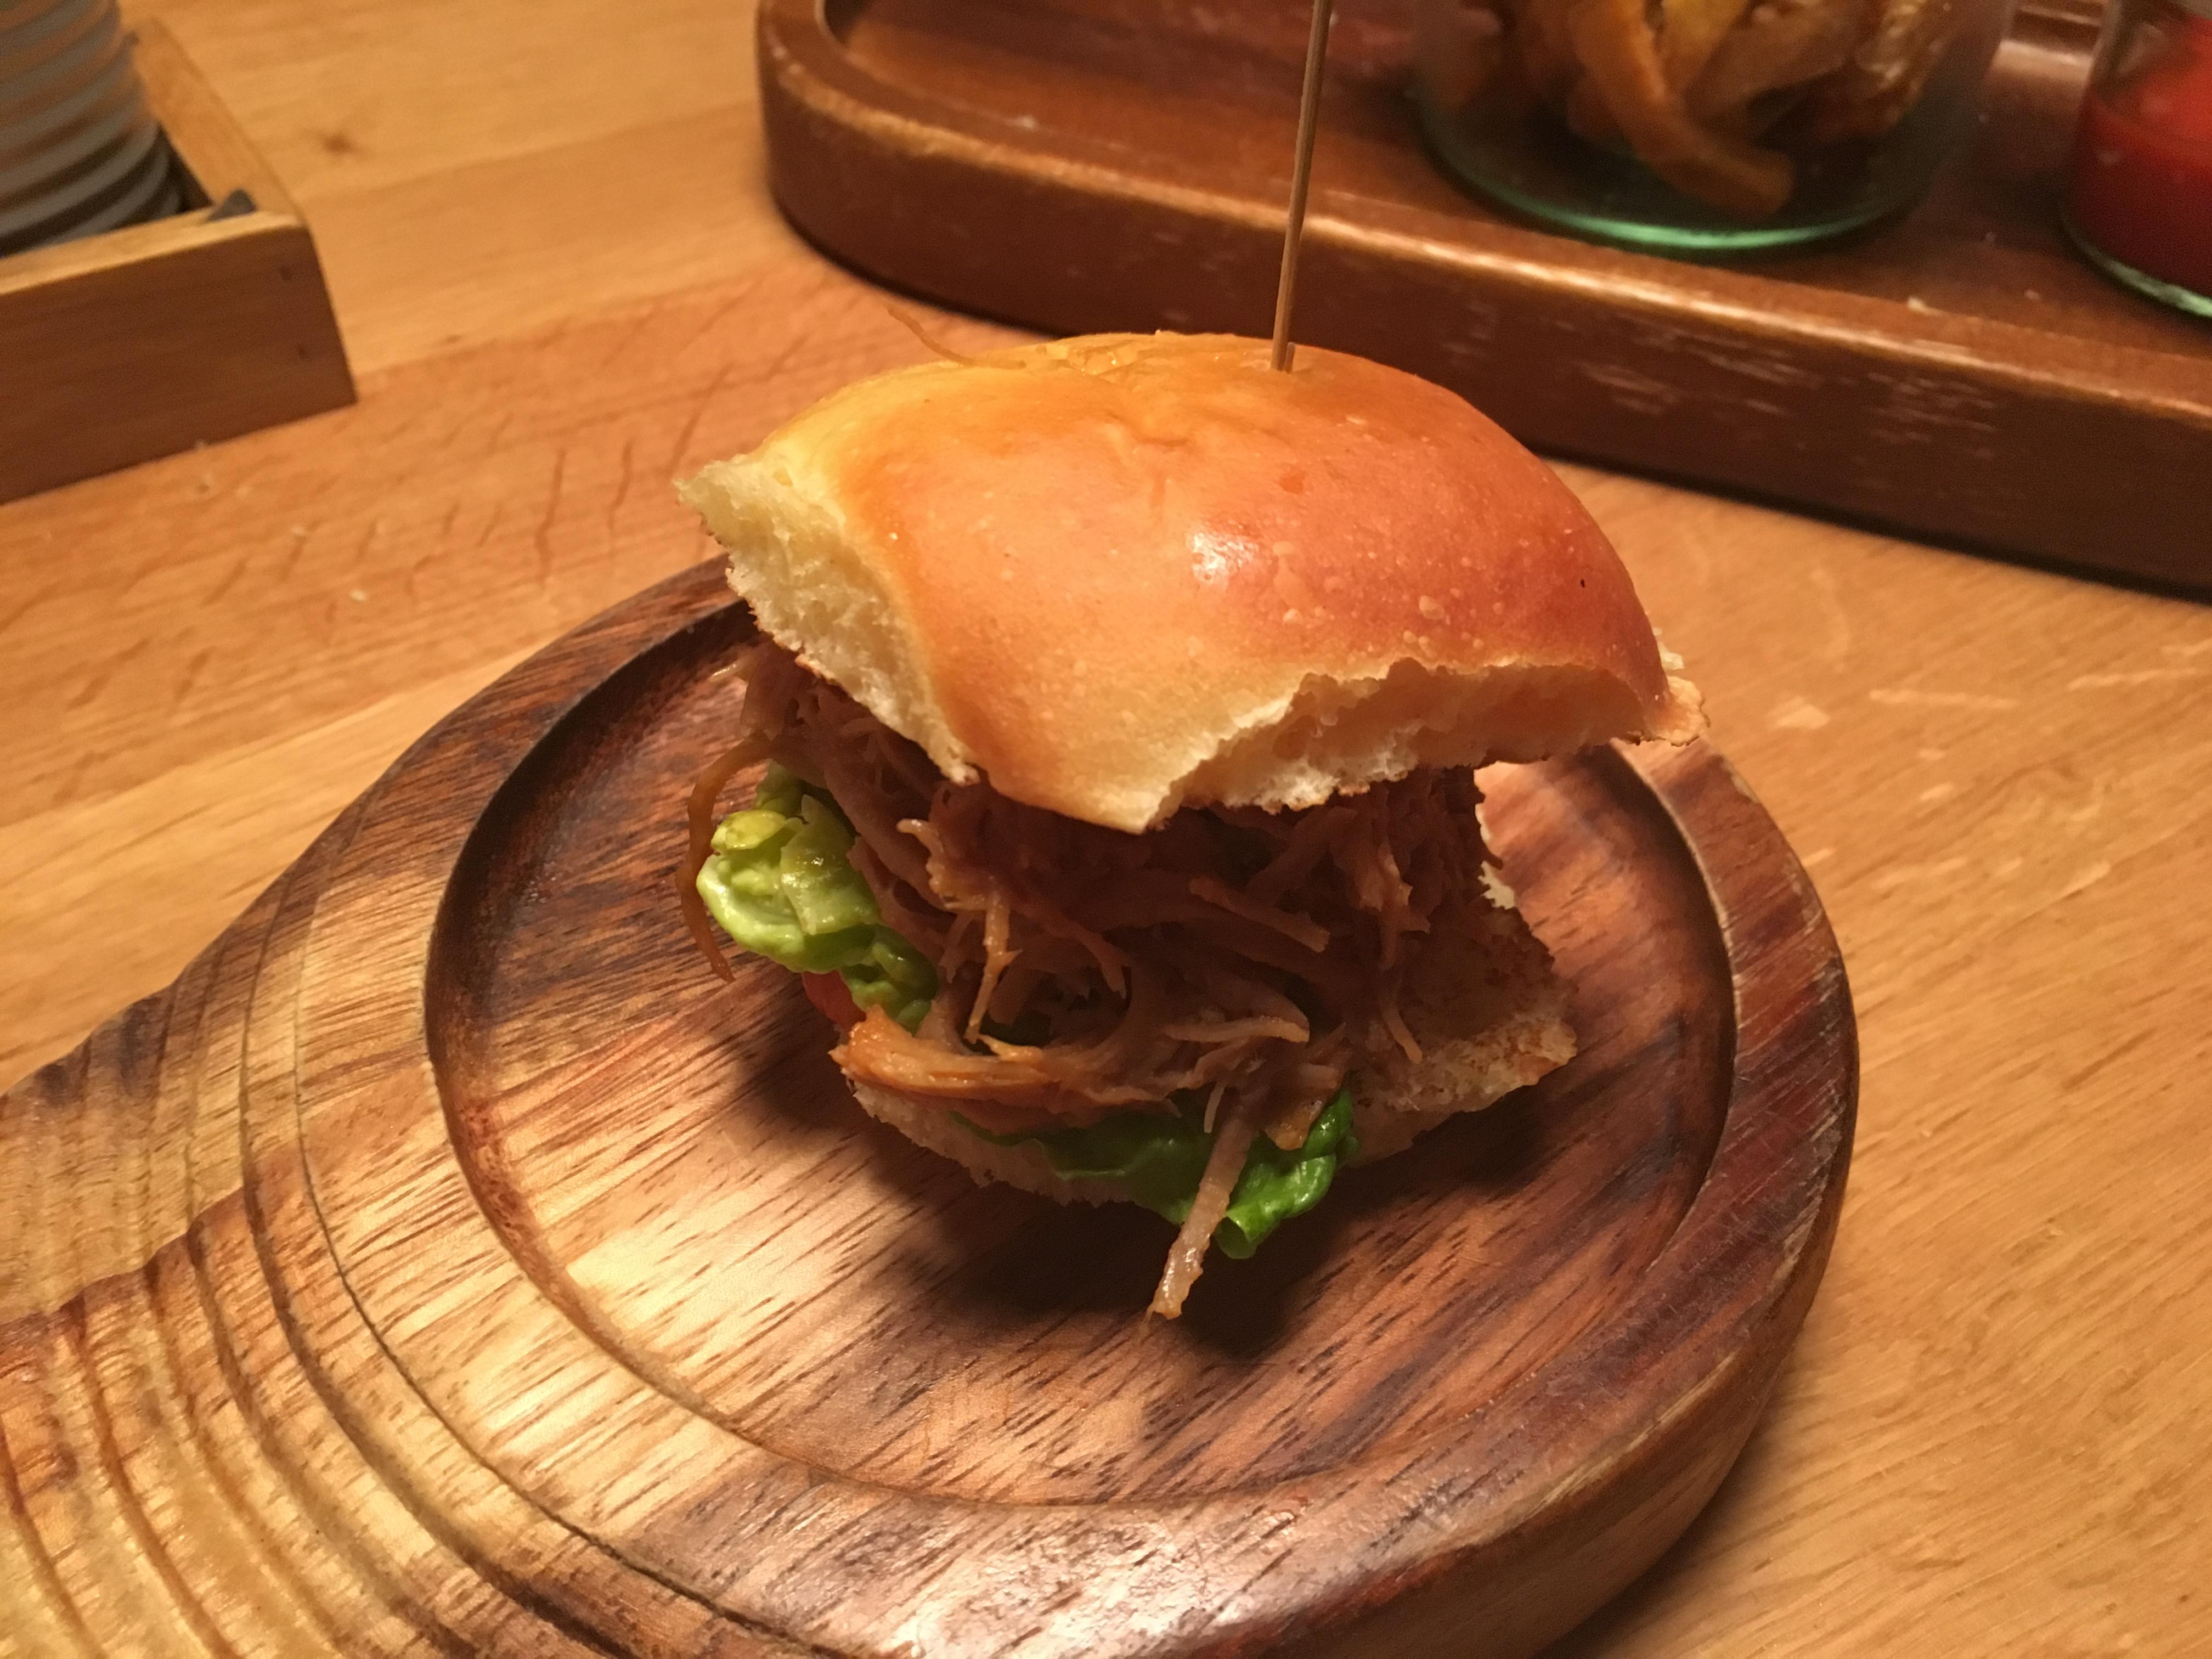 Der Burger-Nachschub wird auf kleinen Einzeltellern serviert